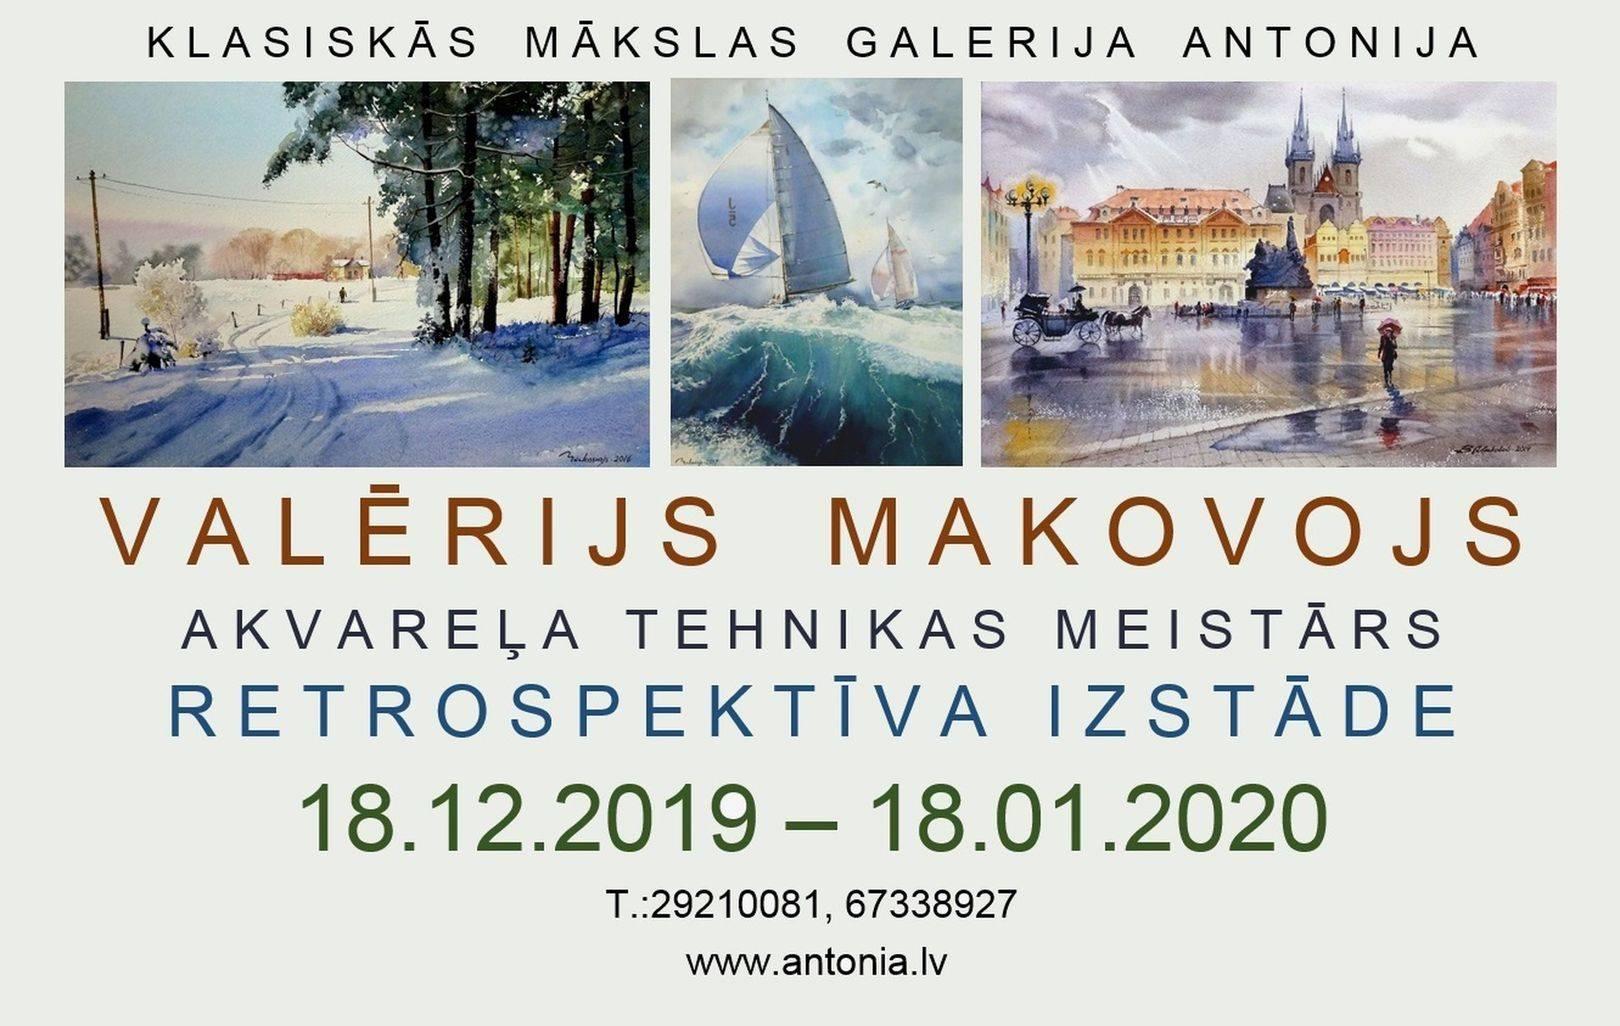 Рекламный плакат к выставке на латышском языке.